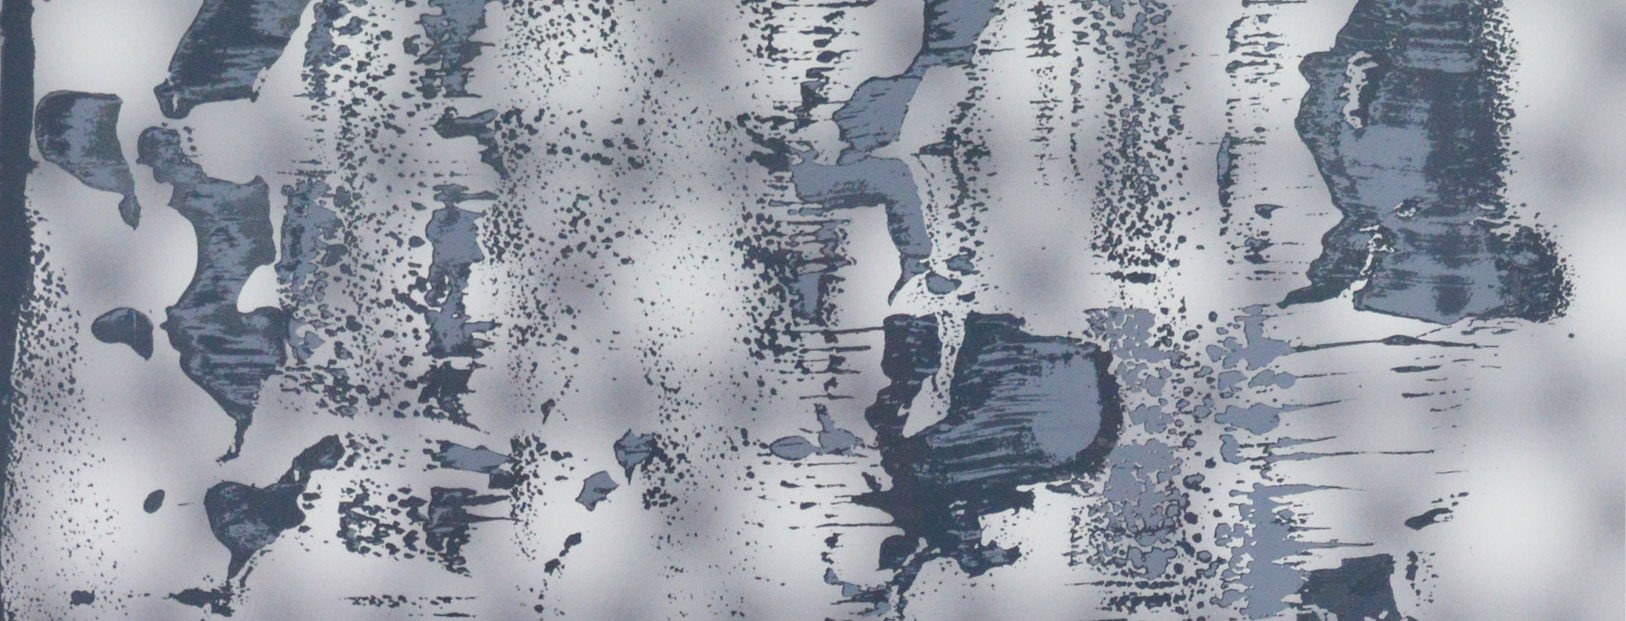 Gerhard-Richter-Slider-1